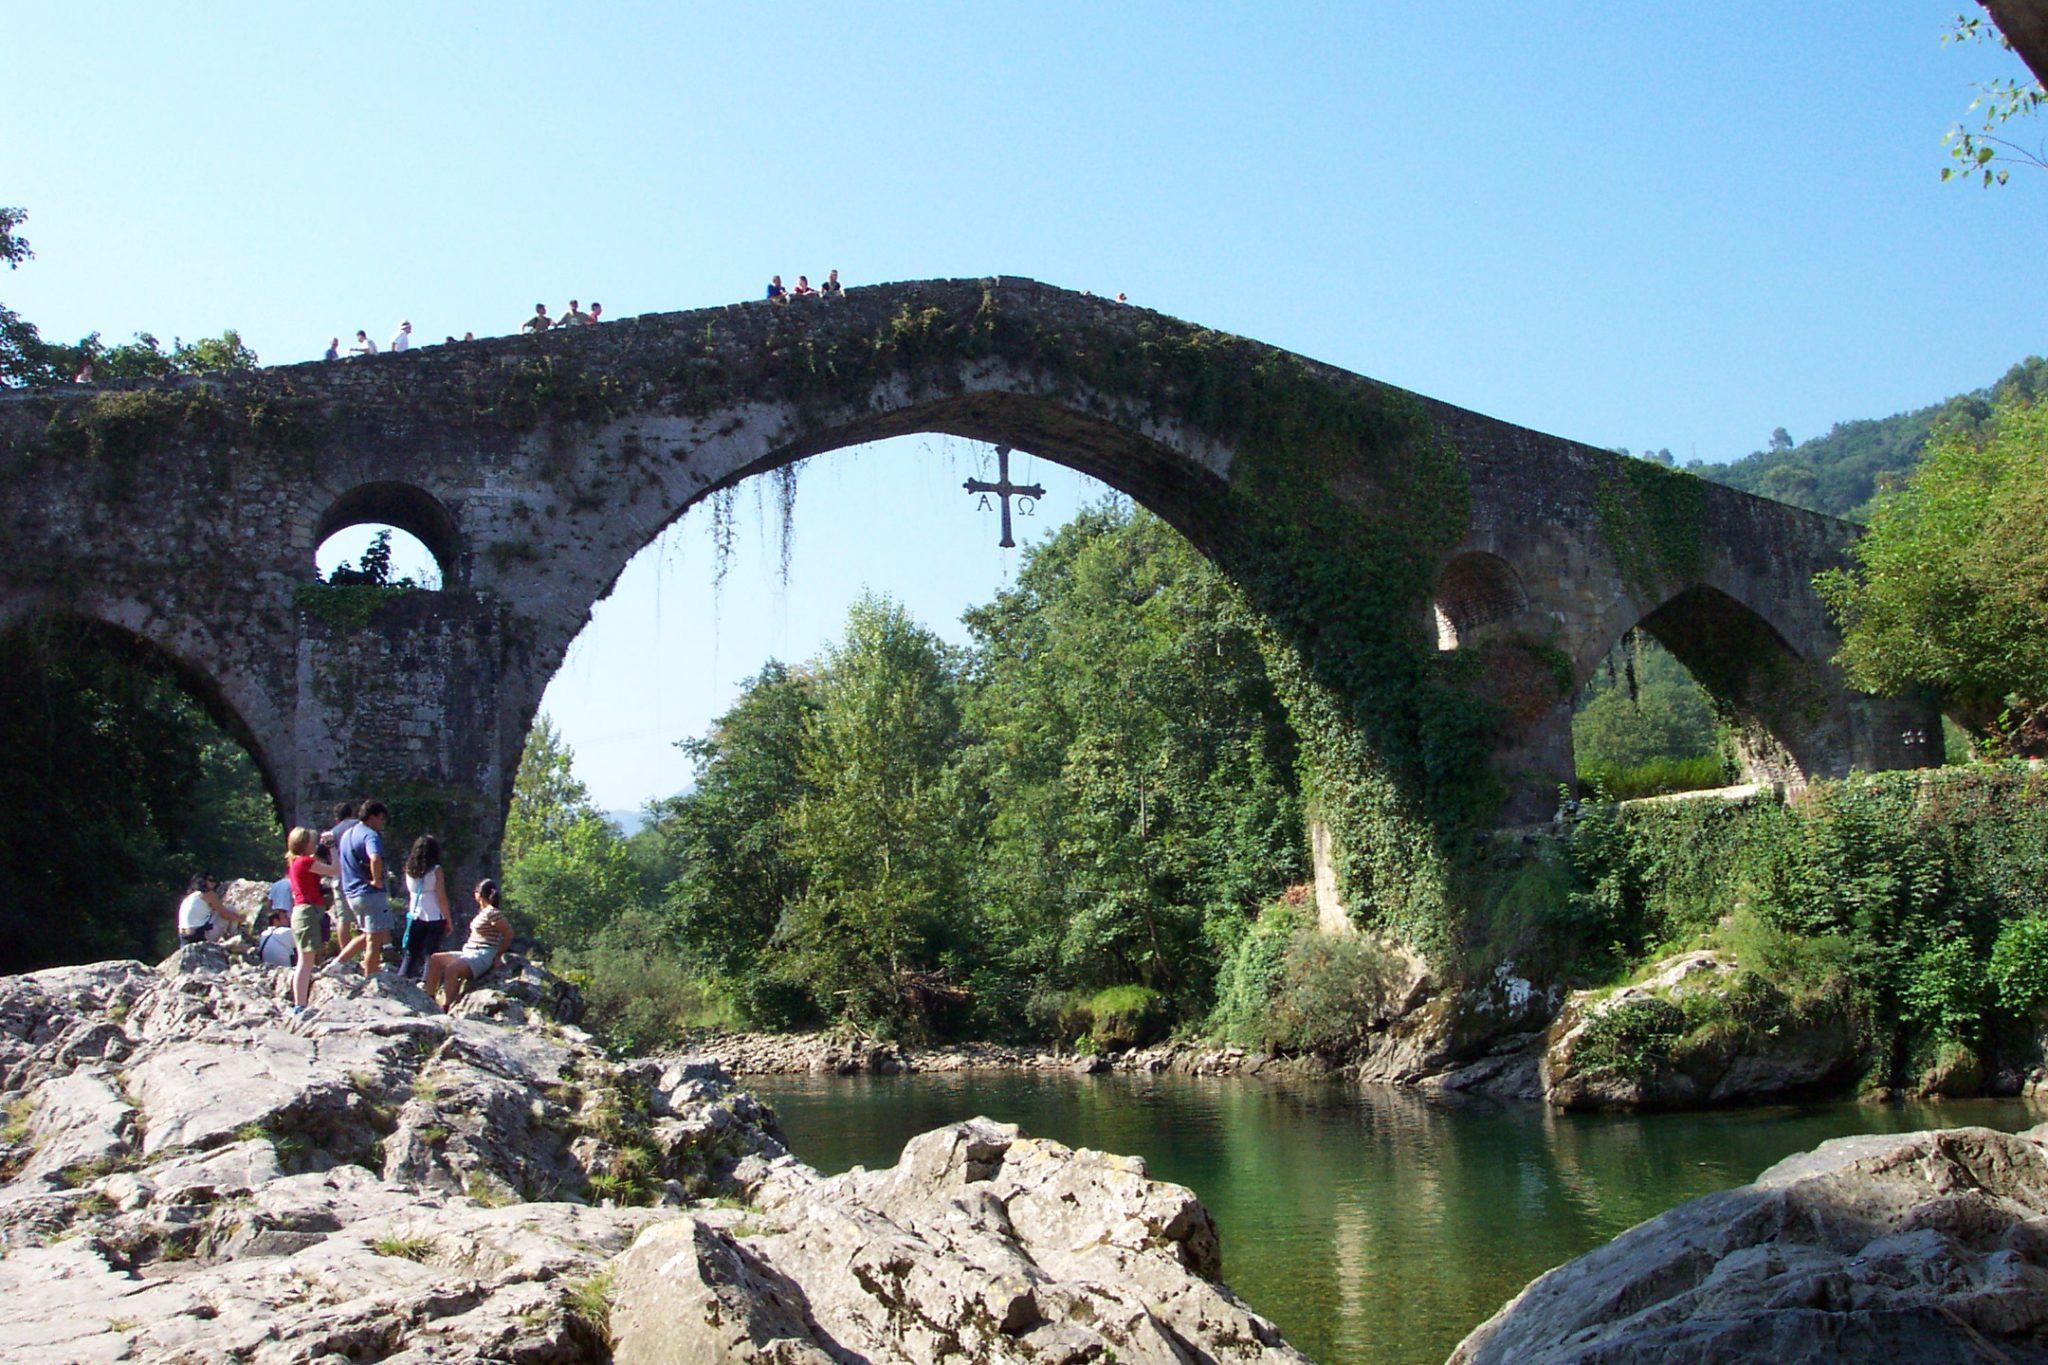 Los 7 mejores sitios para ver en asturias turismo cuatro for Oficina turismo cangas de onis